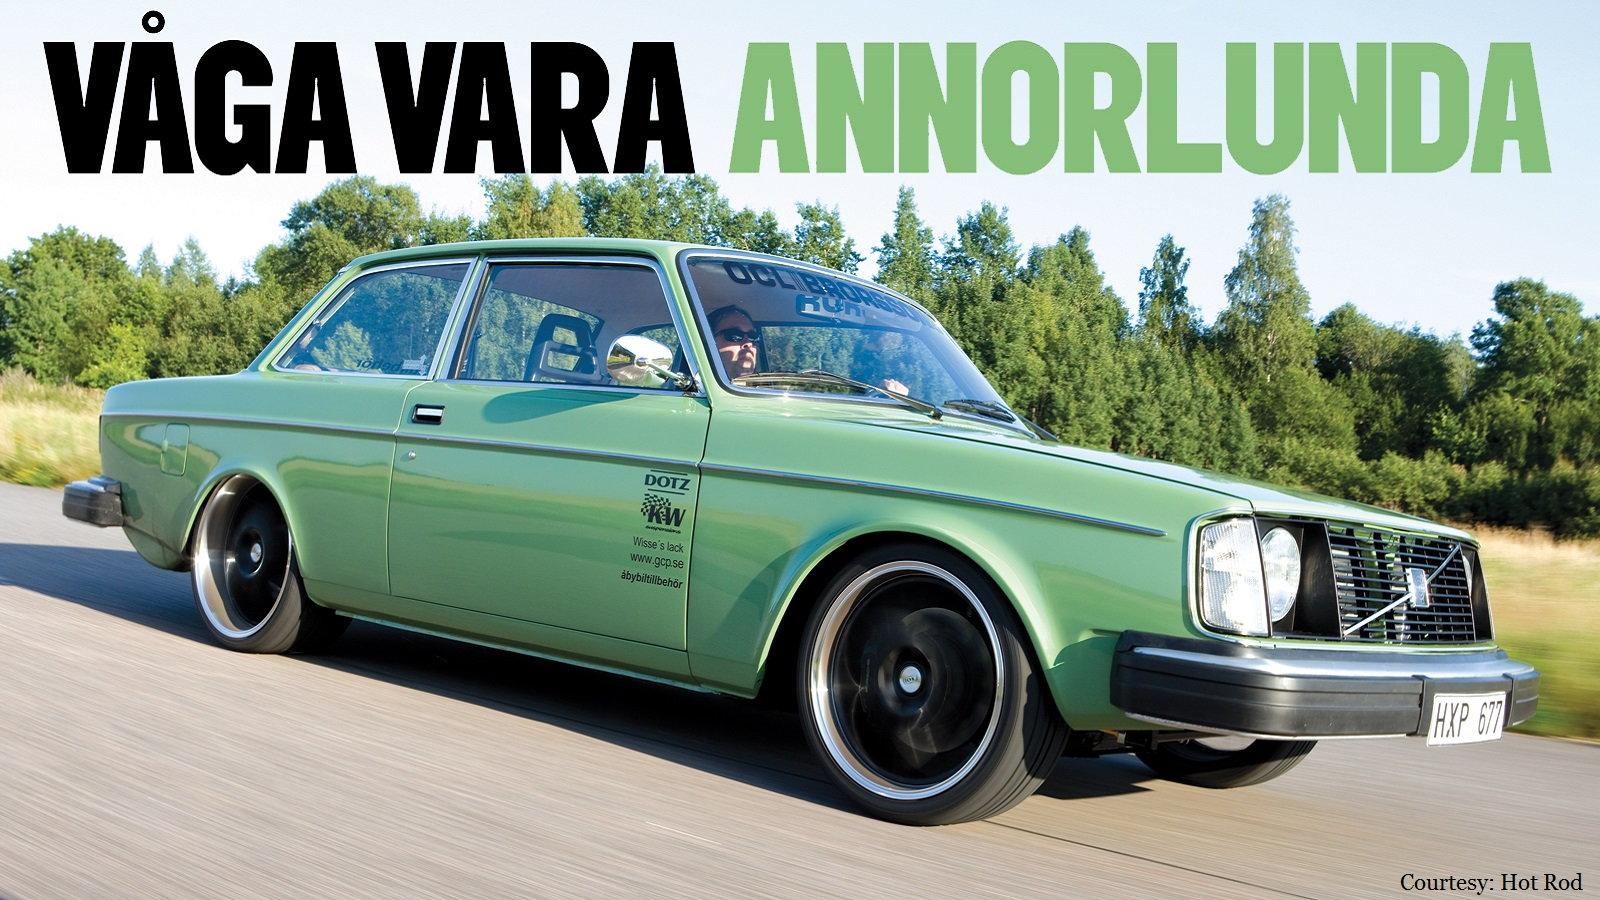 Hocky Johansson's Volvo 242